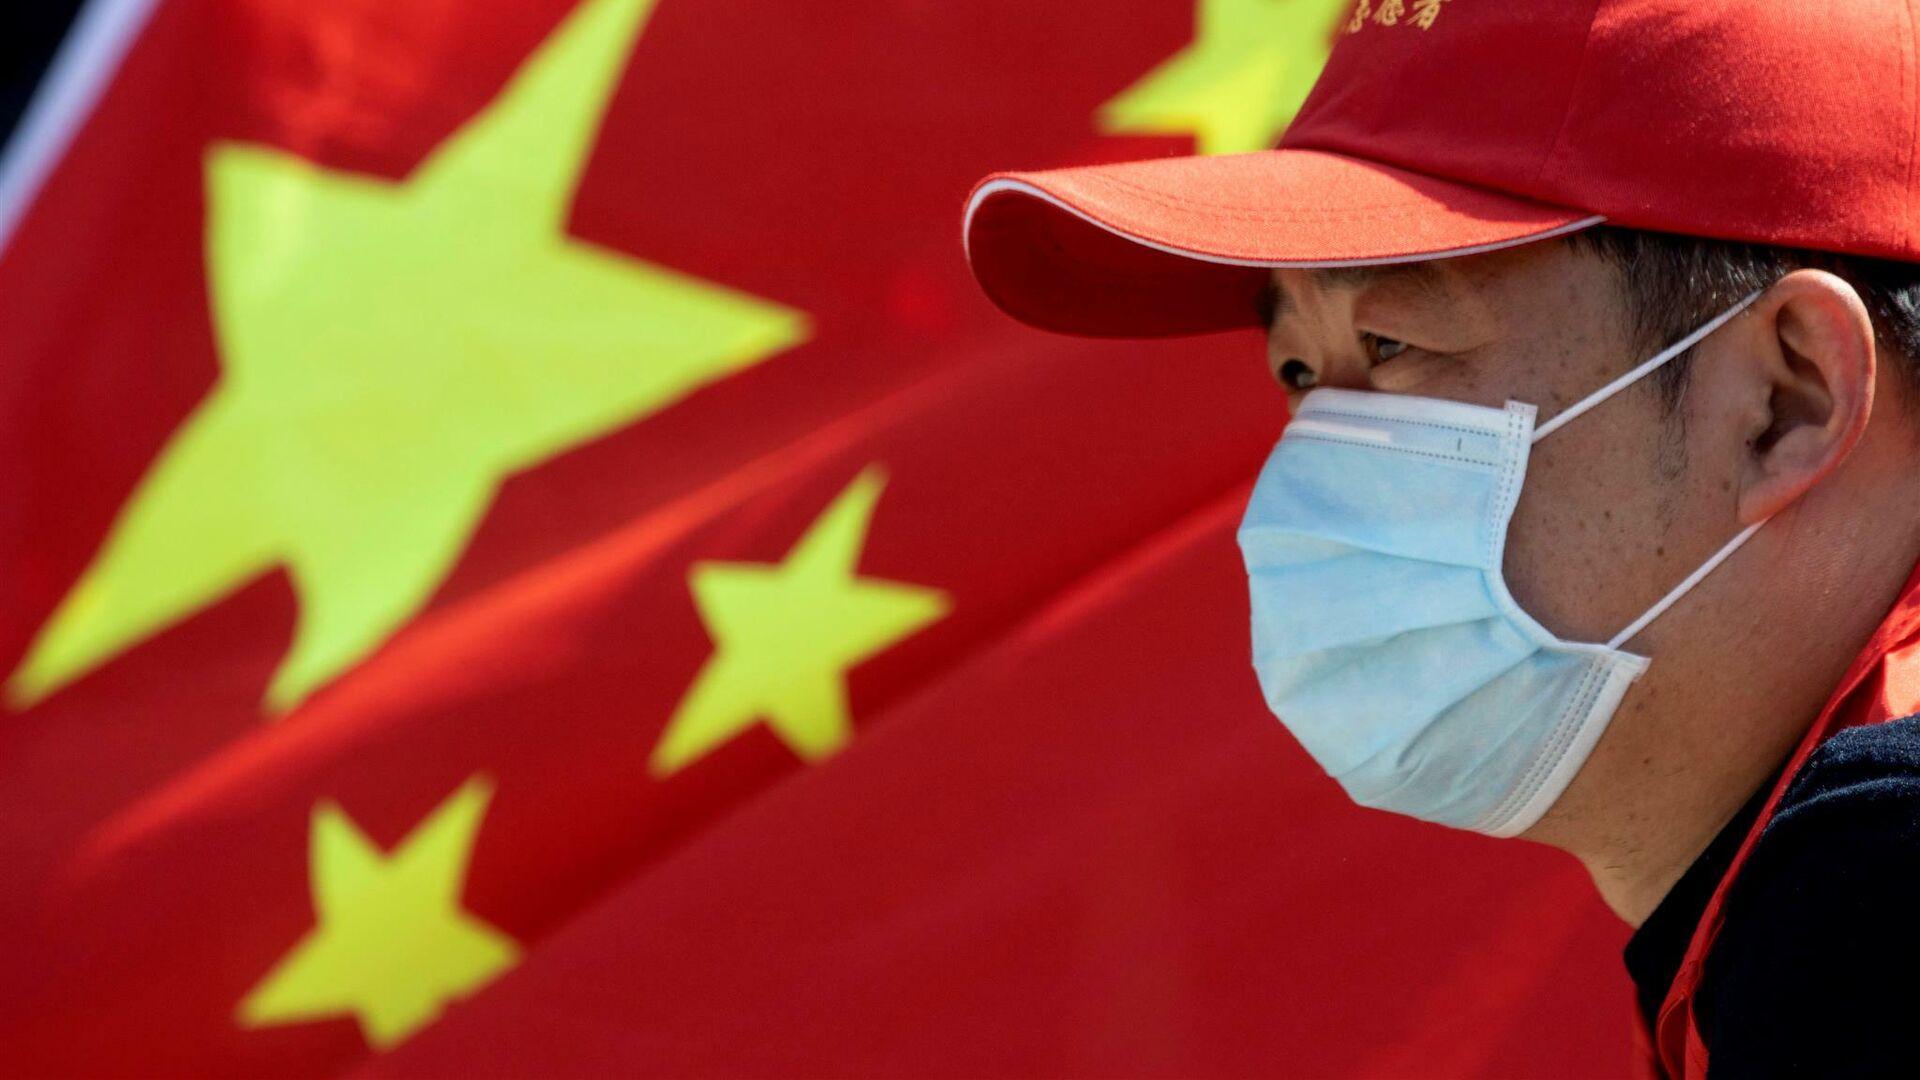 Мужчина на фоне флага Китая - РИА Новости, 1920, 22.10.2020